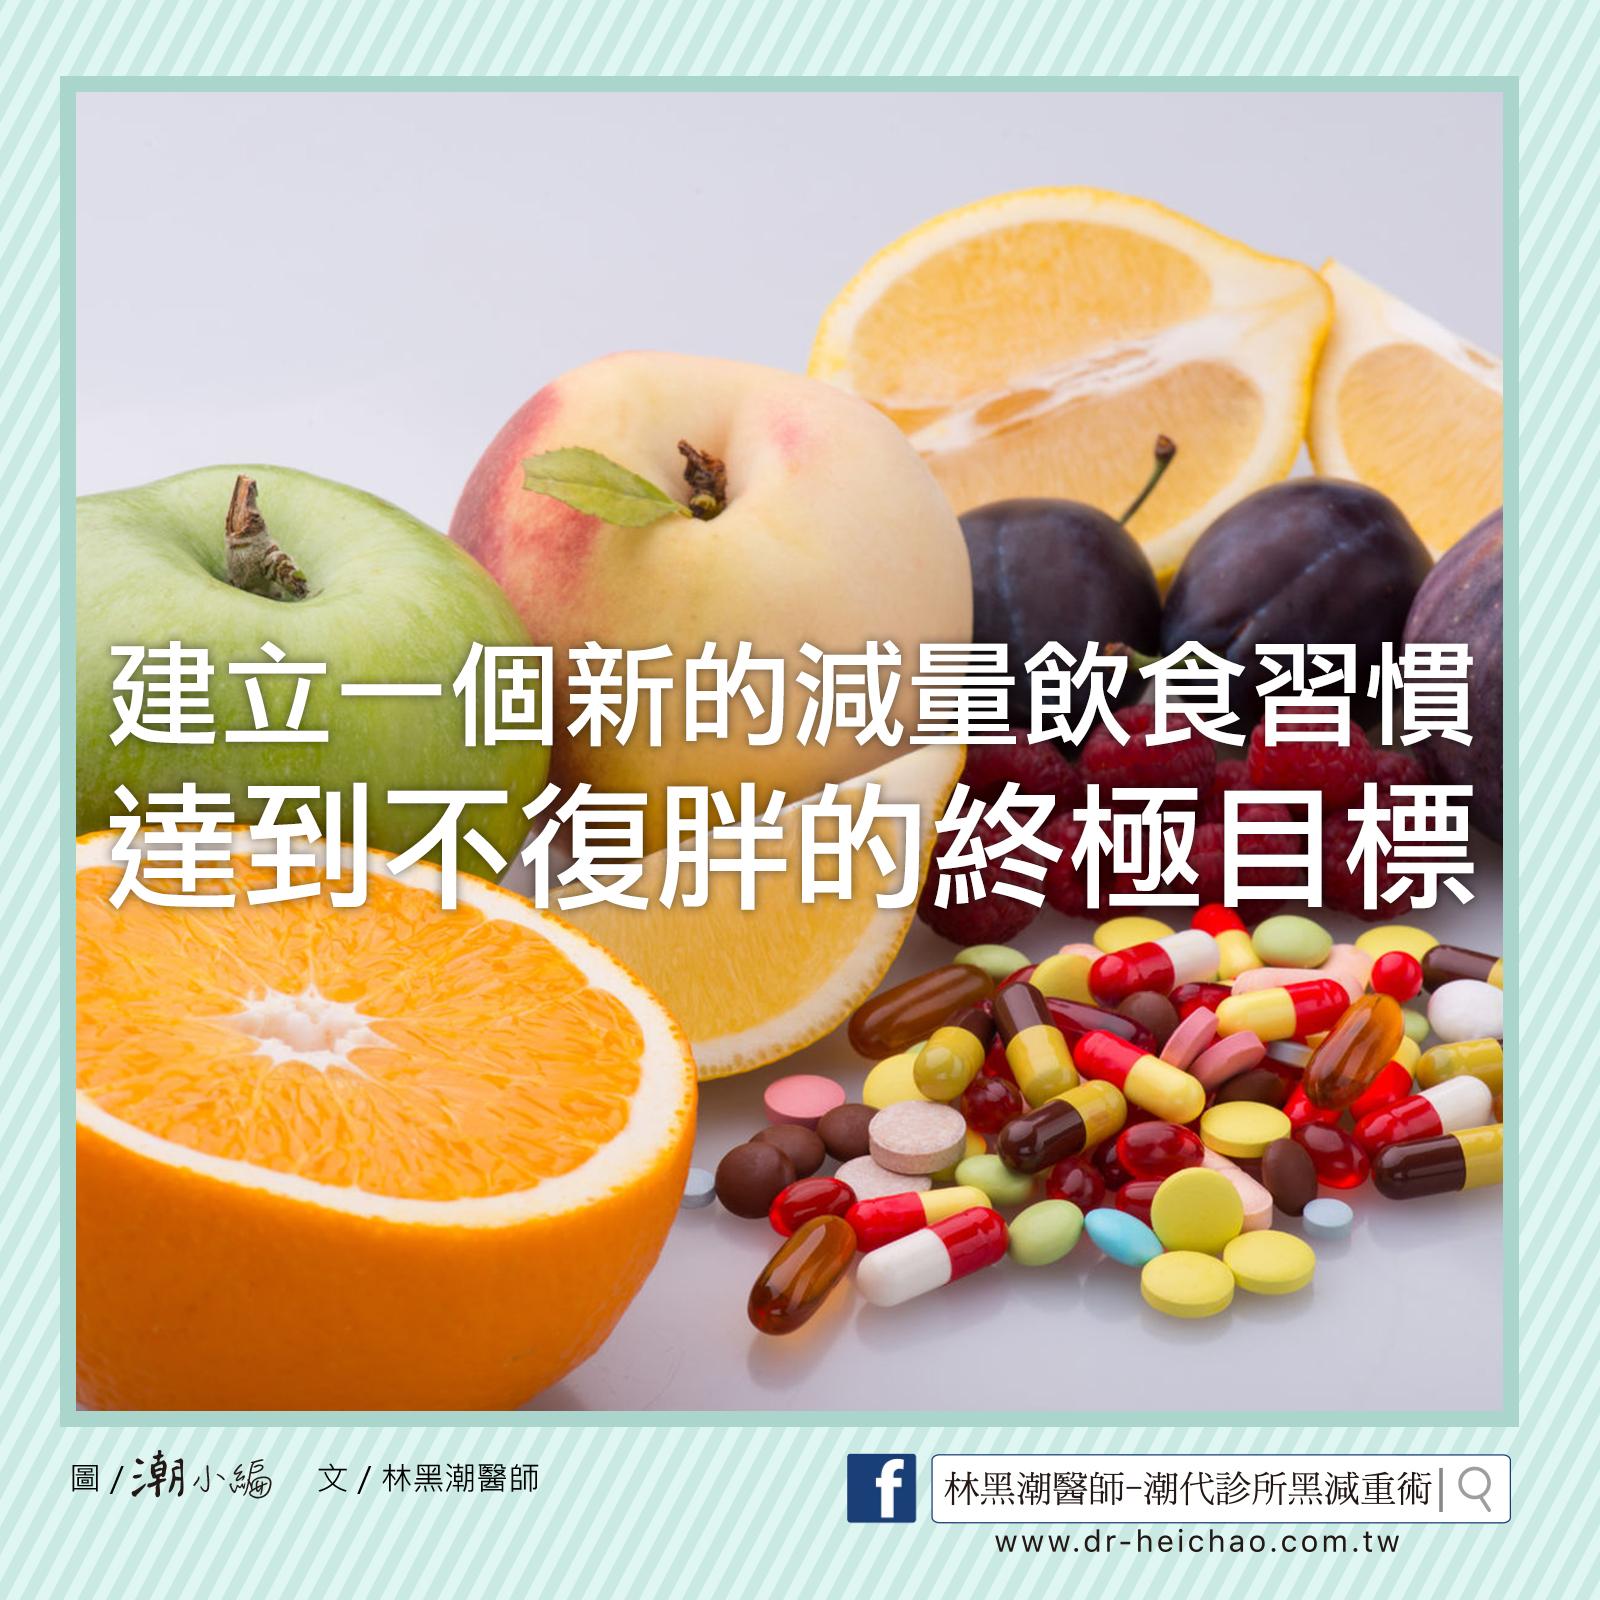 「減肥藥」可以有效減肥嗎?/文:林黑潮醫師